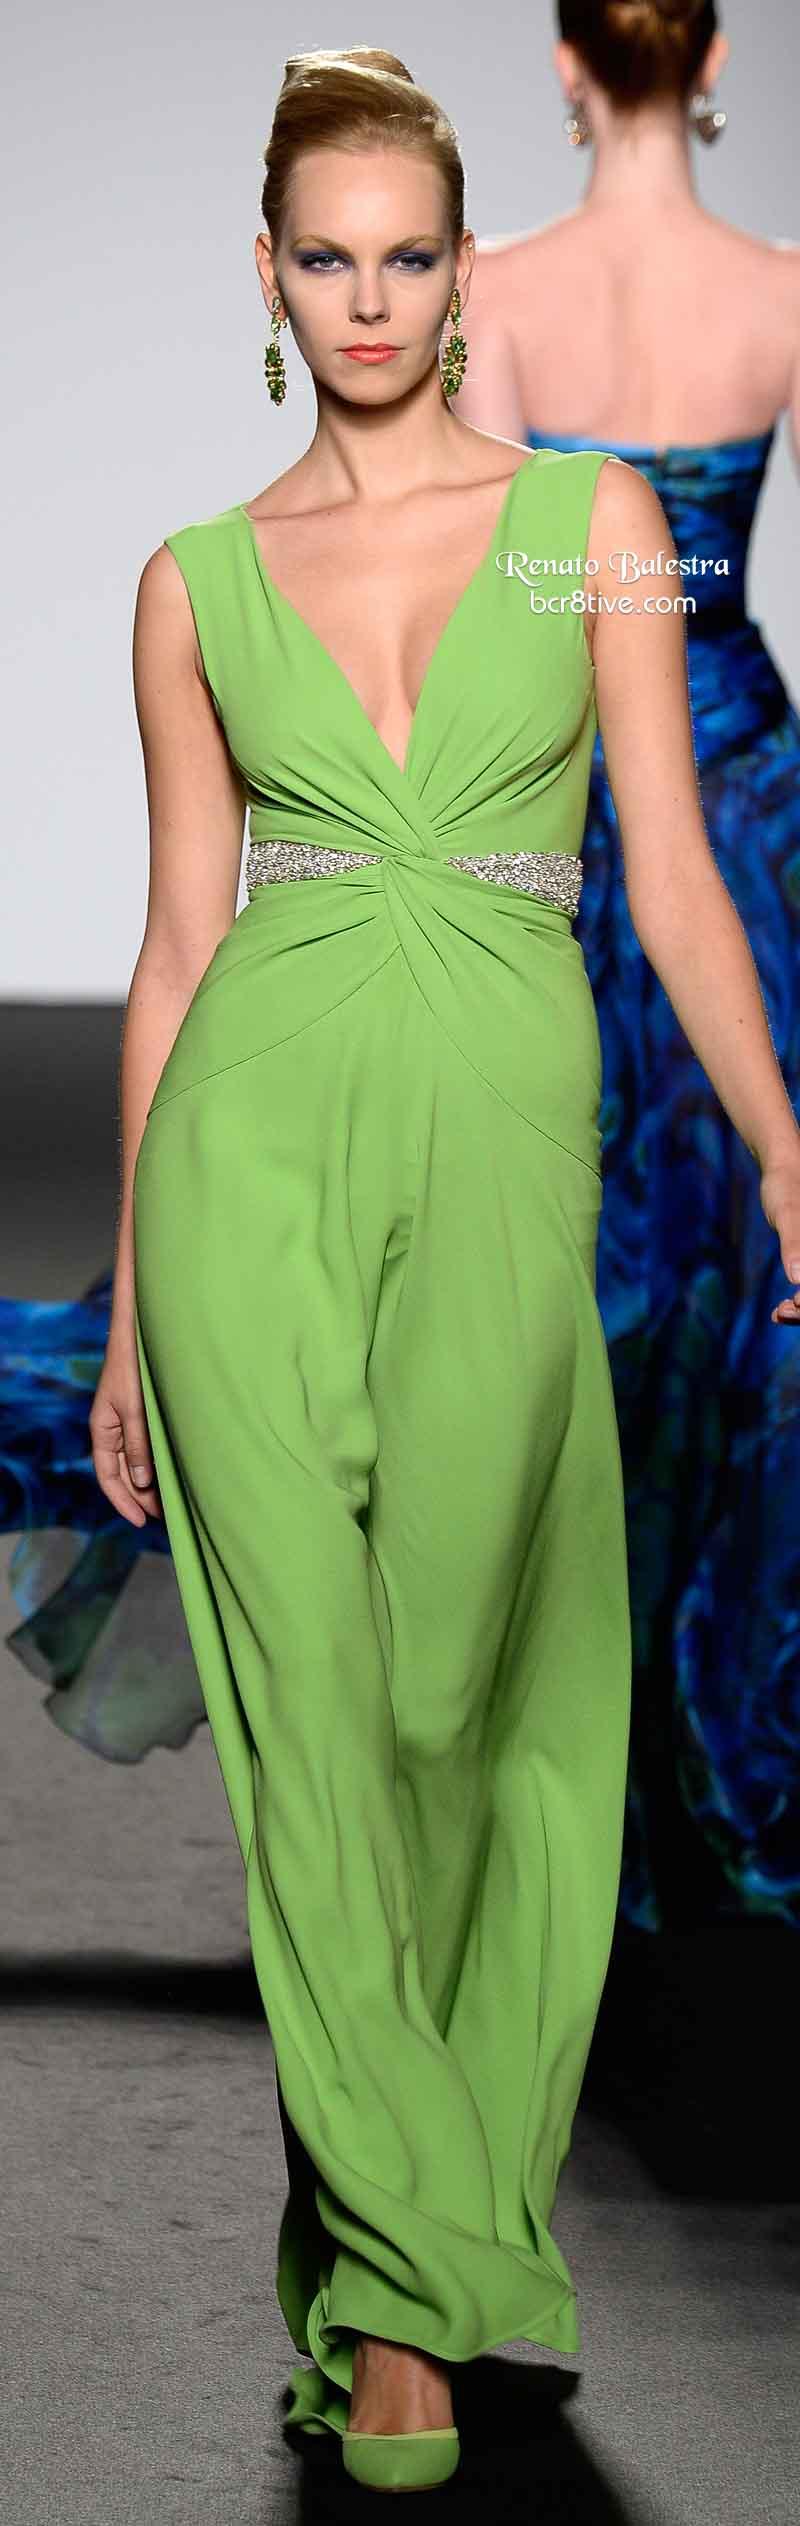 Renato Balestra SS 2014 Haute Couture